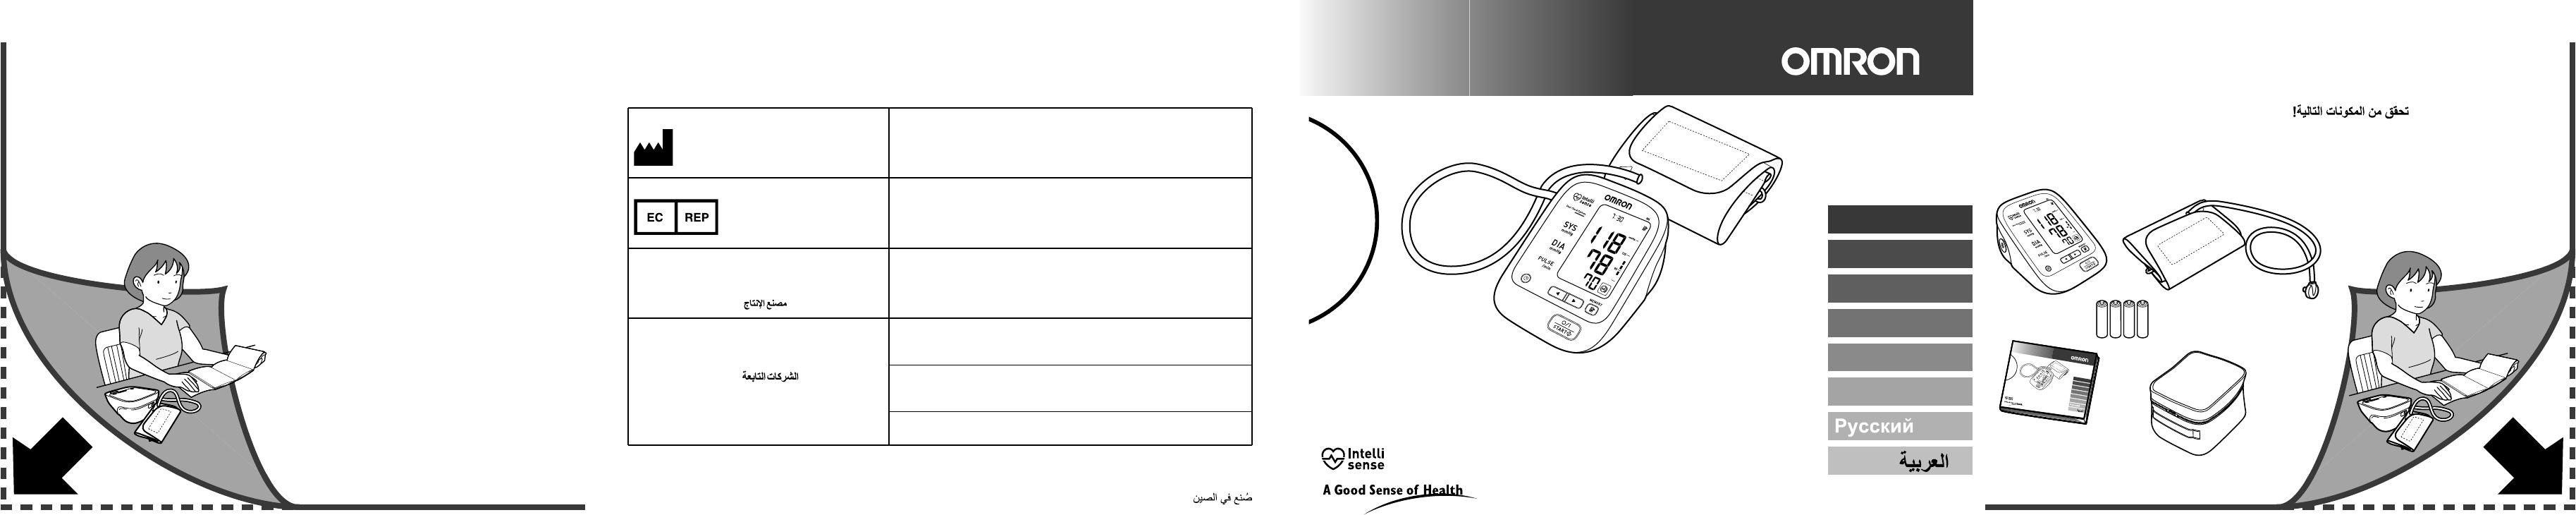 Omron Hem 7200 User Manual Tensimeter Jpn1 Blood Pressure Monitor Search M3